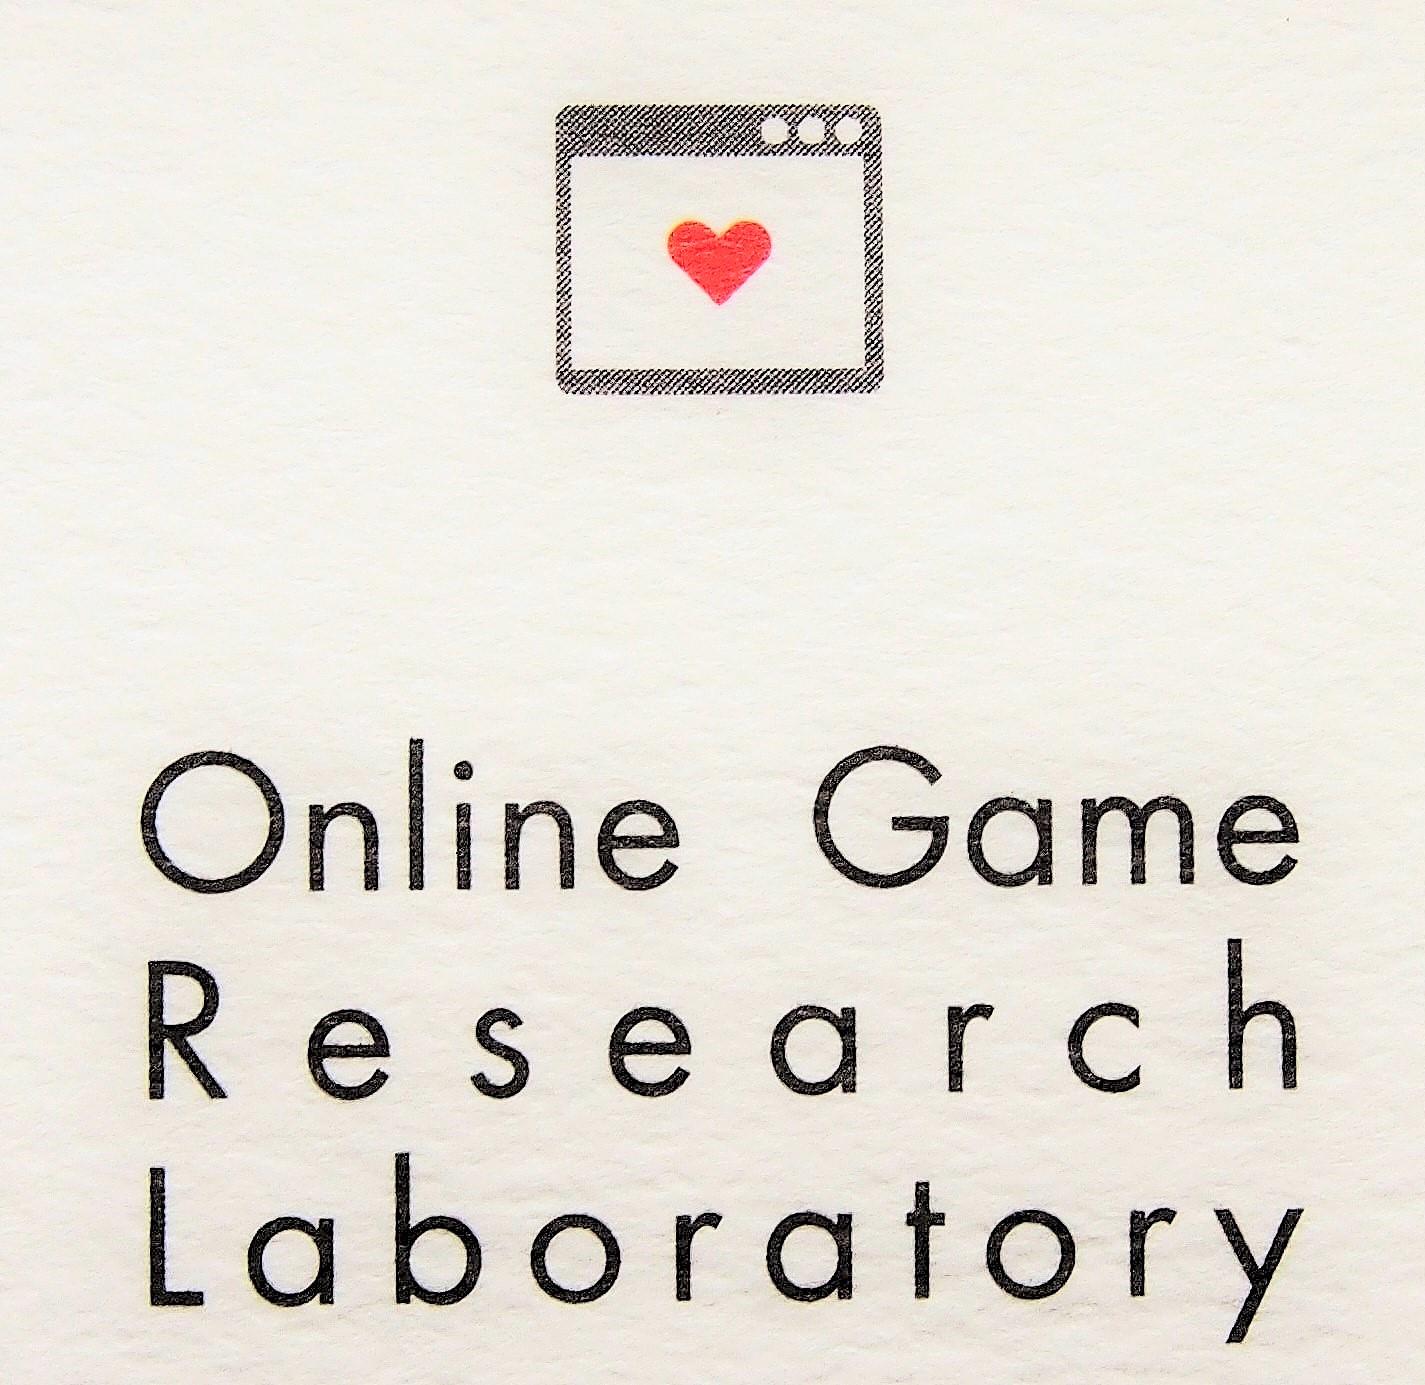 オンラインゲーム調査研究所